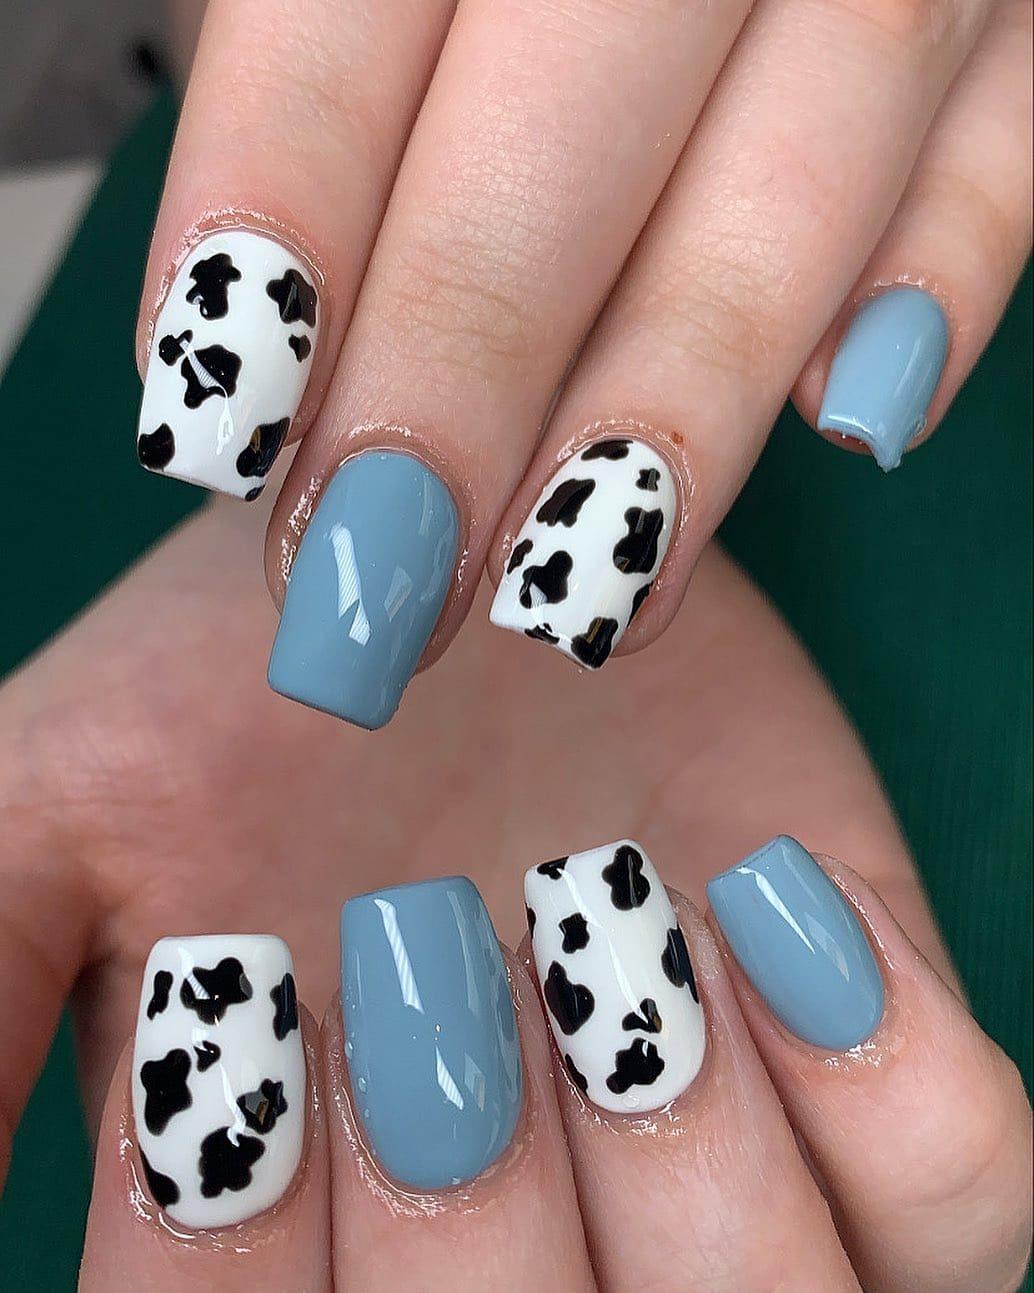 unghie bianche e nere